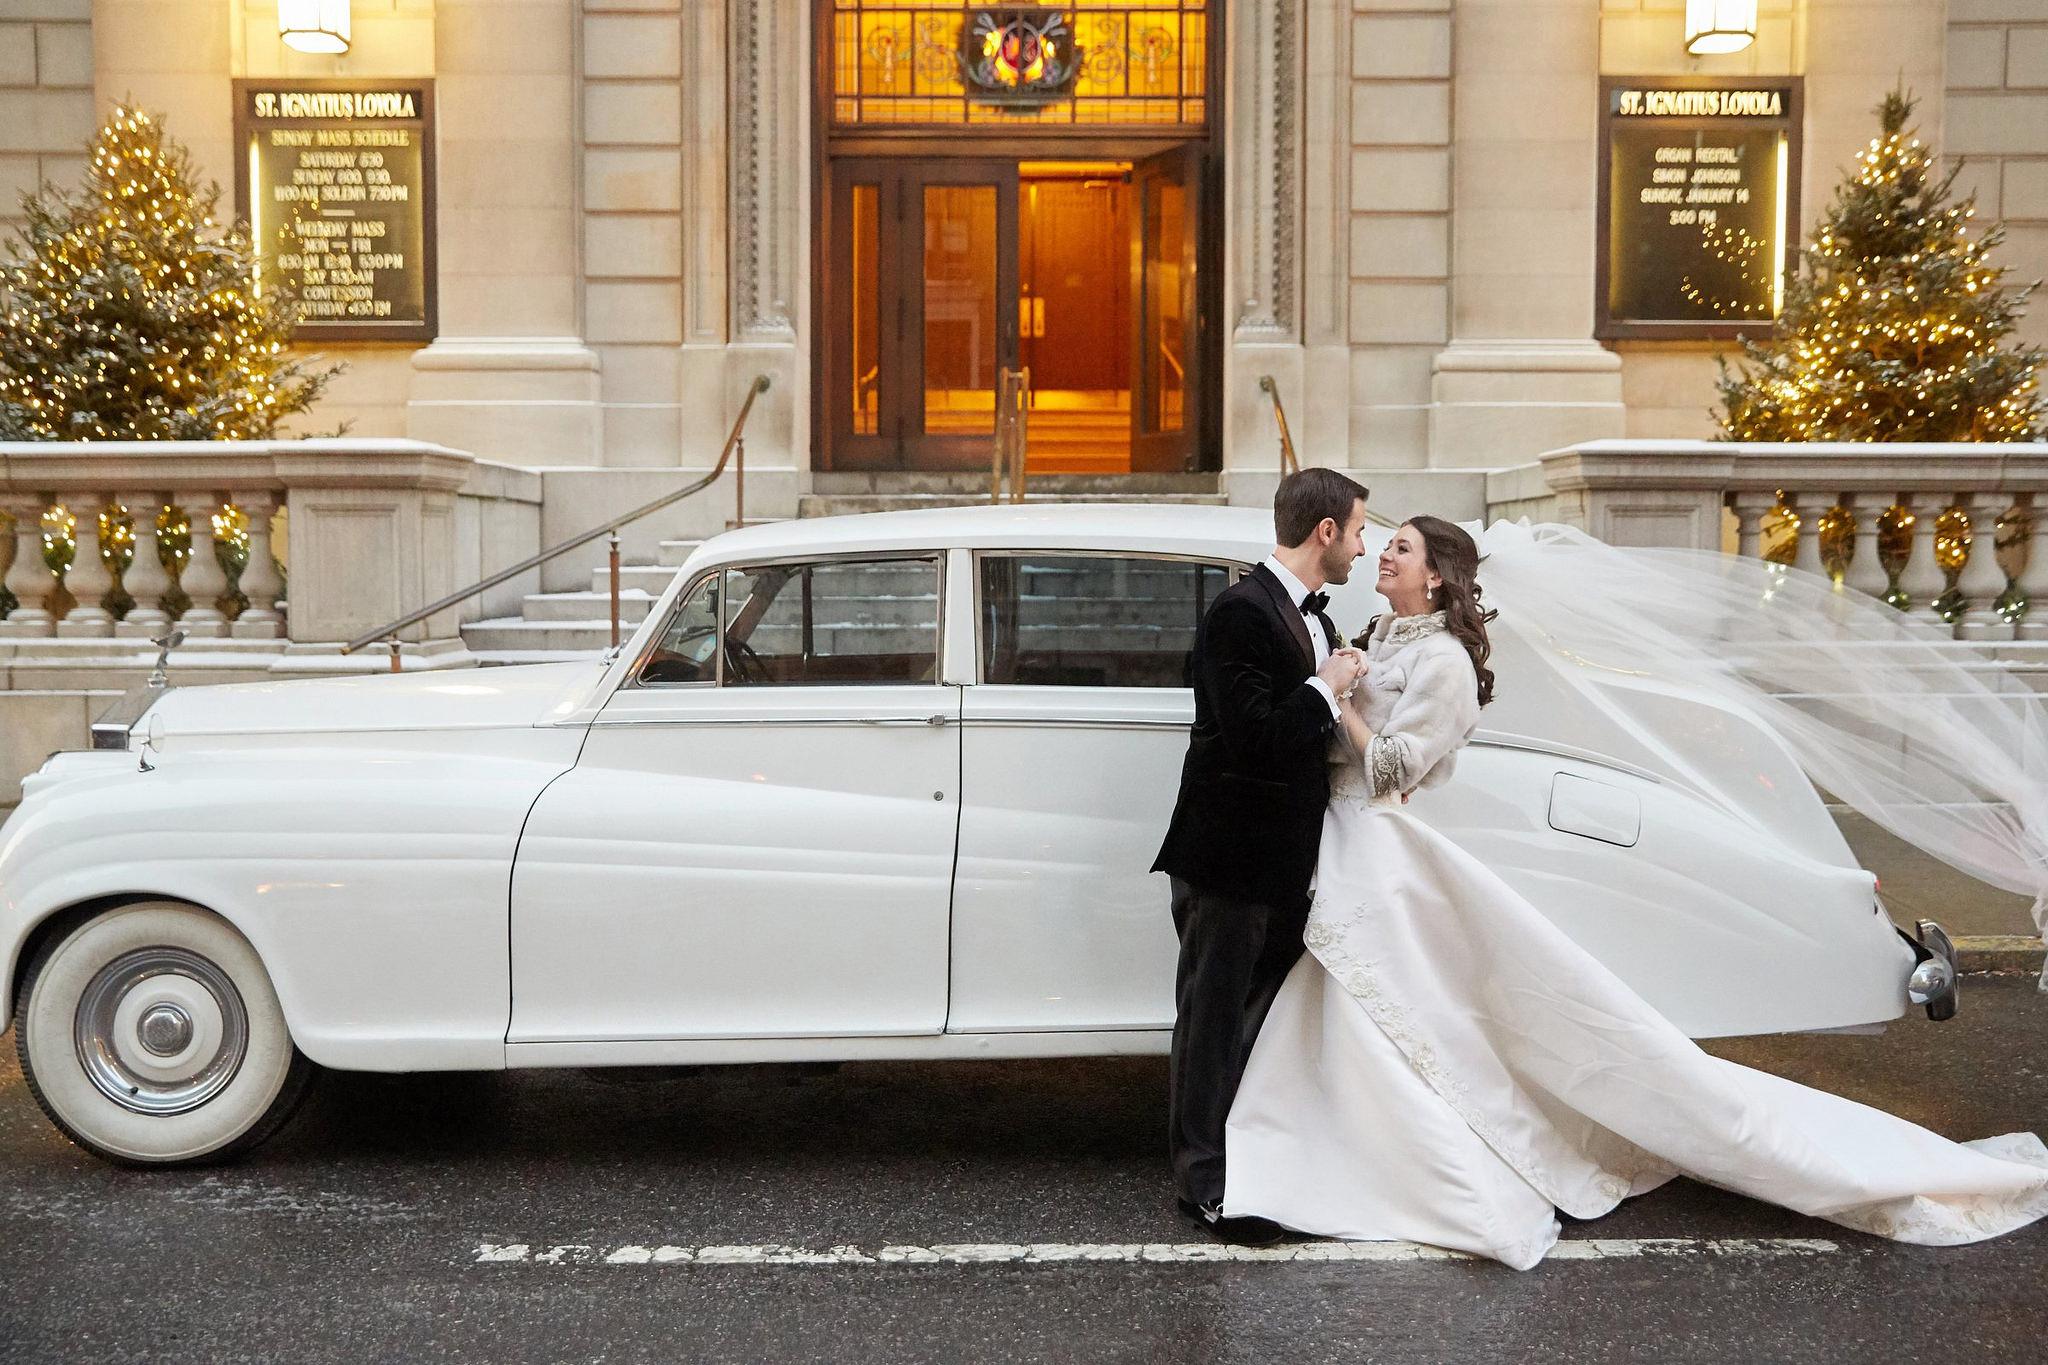 Bride and groom getaway car - 1955 Rolls Royce